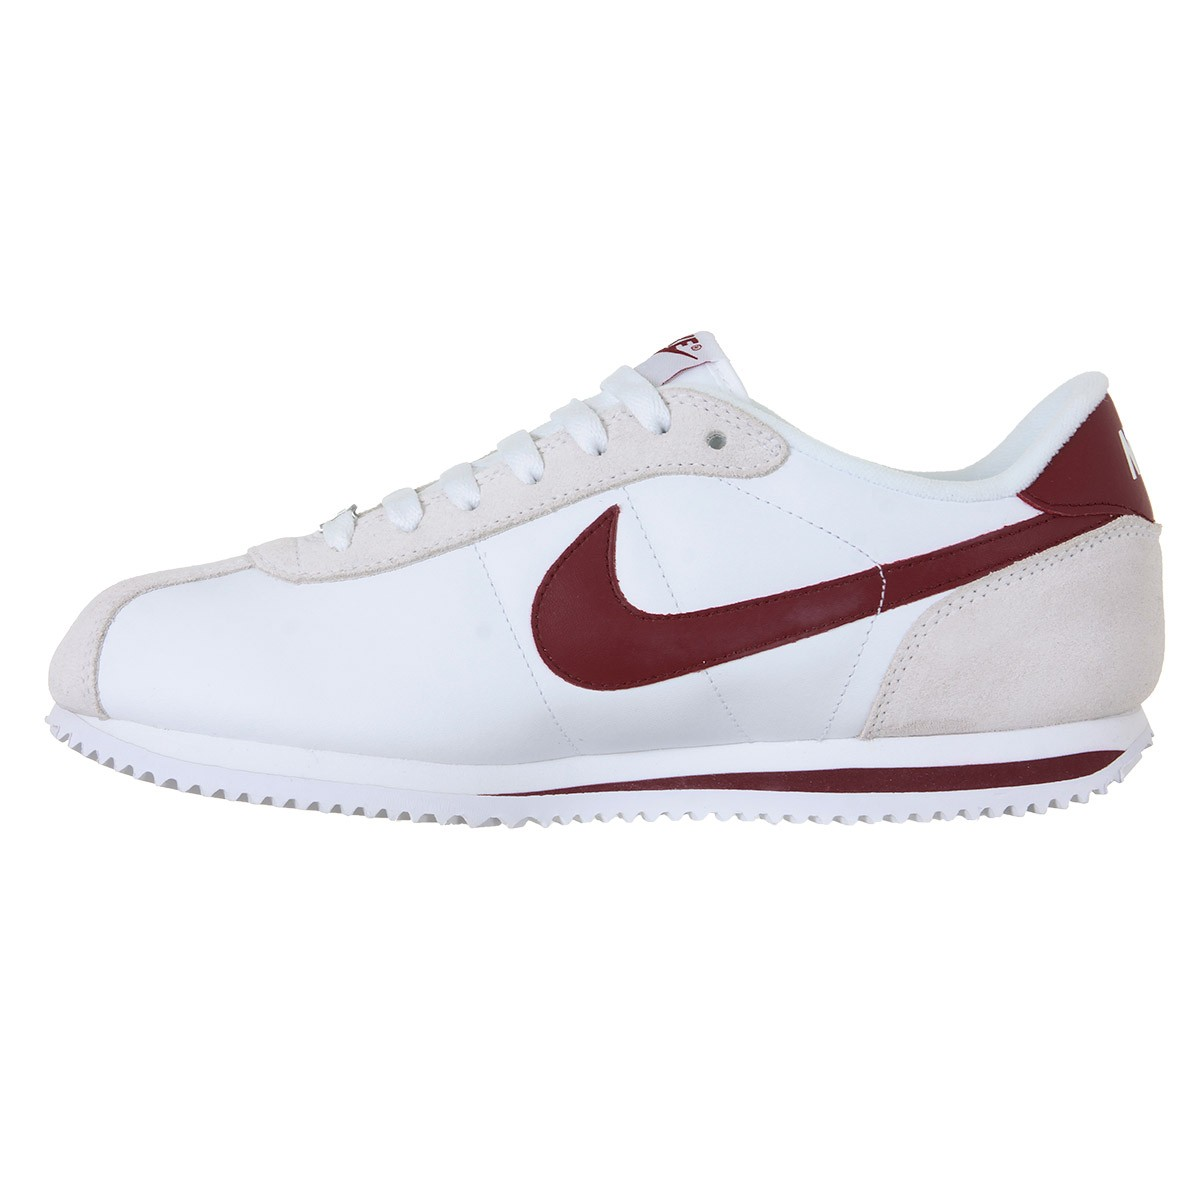 Cuir Nike Running Chaussures 316418 Hommes Cortez 109 zVGqSLUMp